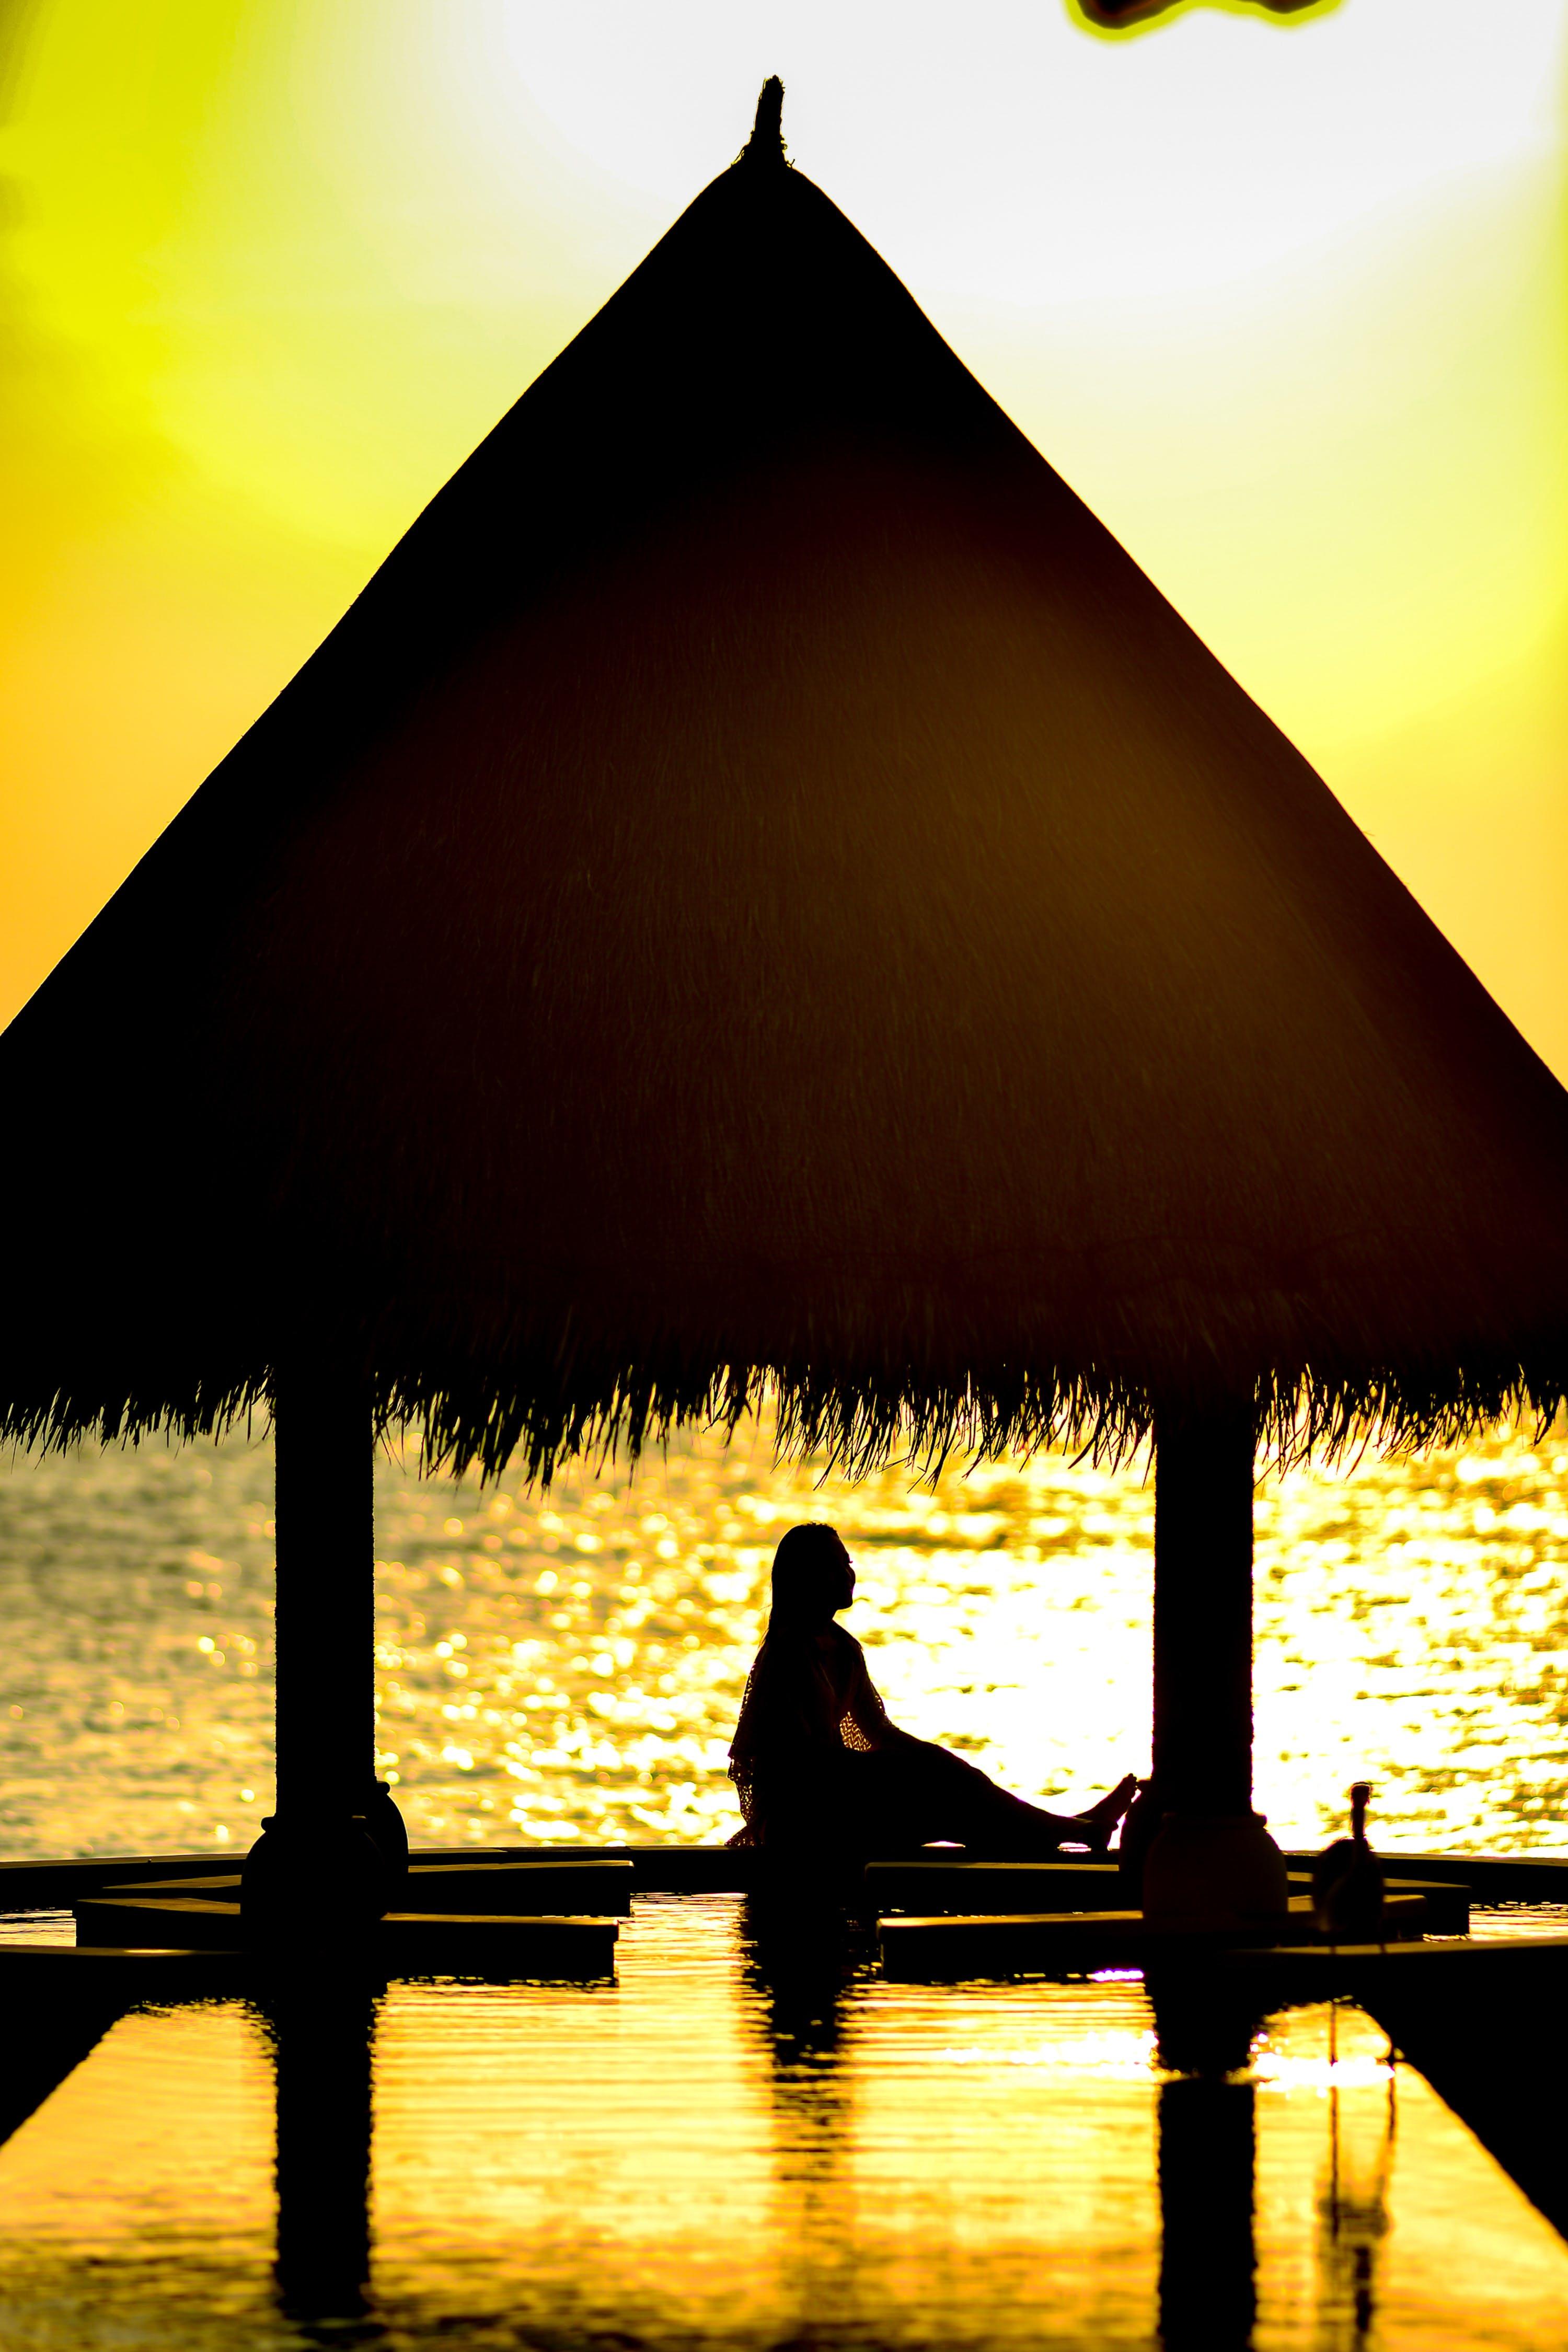 側面, 反射, 太陽, 女人 的 免費圖庫相片